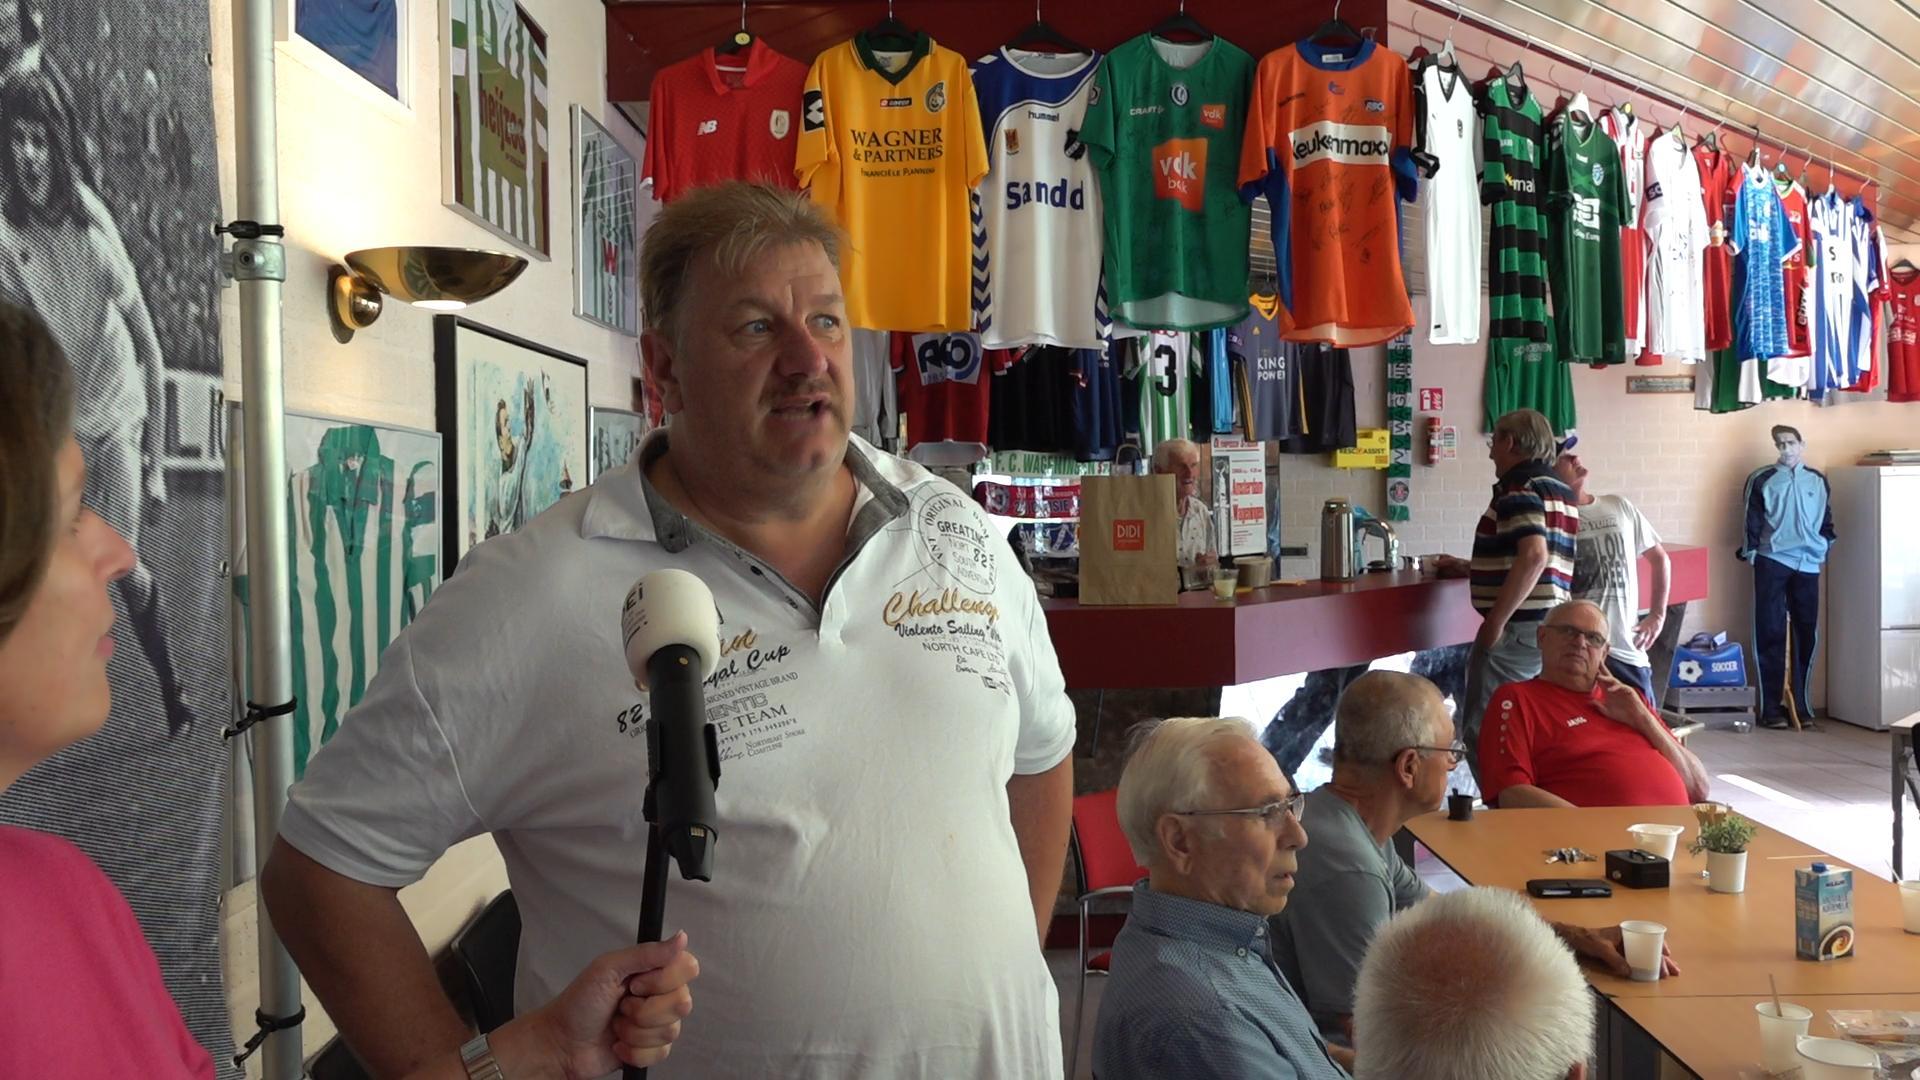 Op de koffie bij voetbalhelden | FC Wageningen deel 2